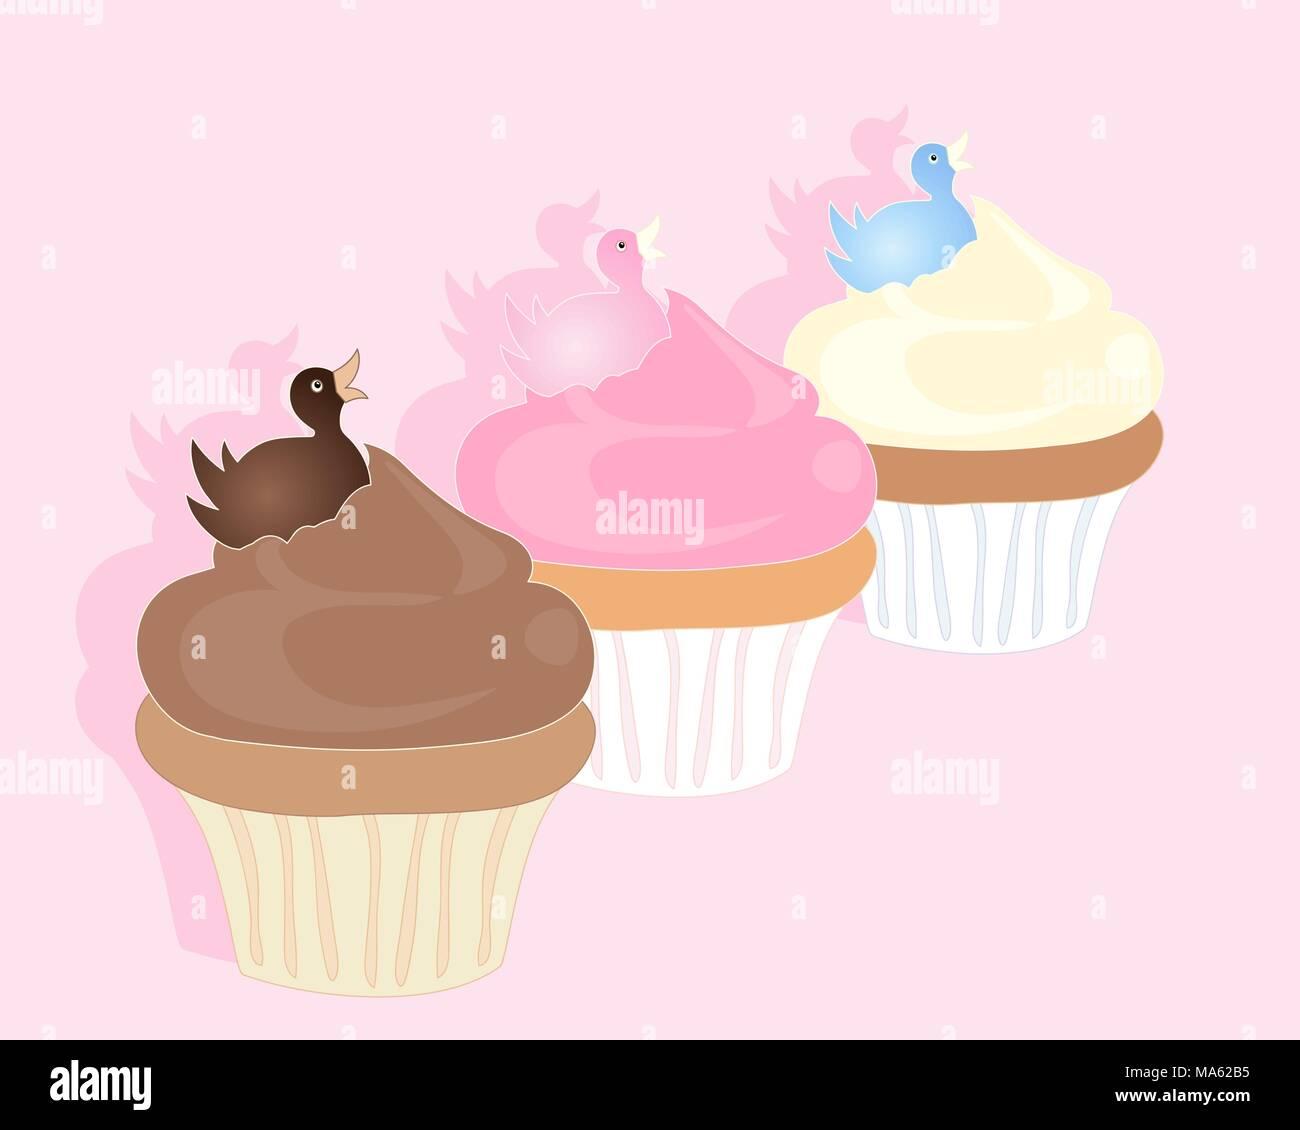 Una illustrazione vettoriale in formato eps formato 10 di tre Deliziose tortine con fondente duck decorazione su una caramella sfondo rosa con spazio per il testo Immagini Stock